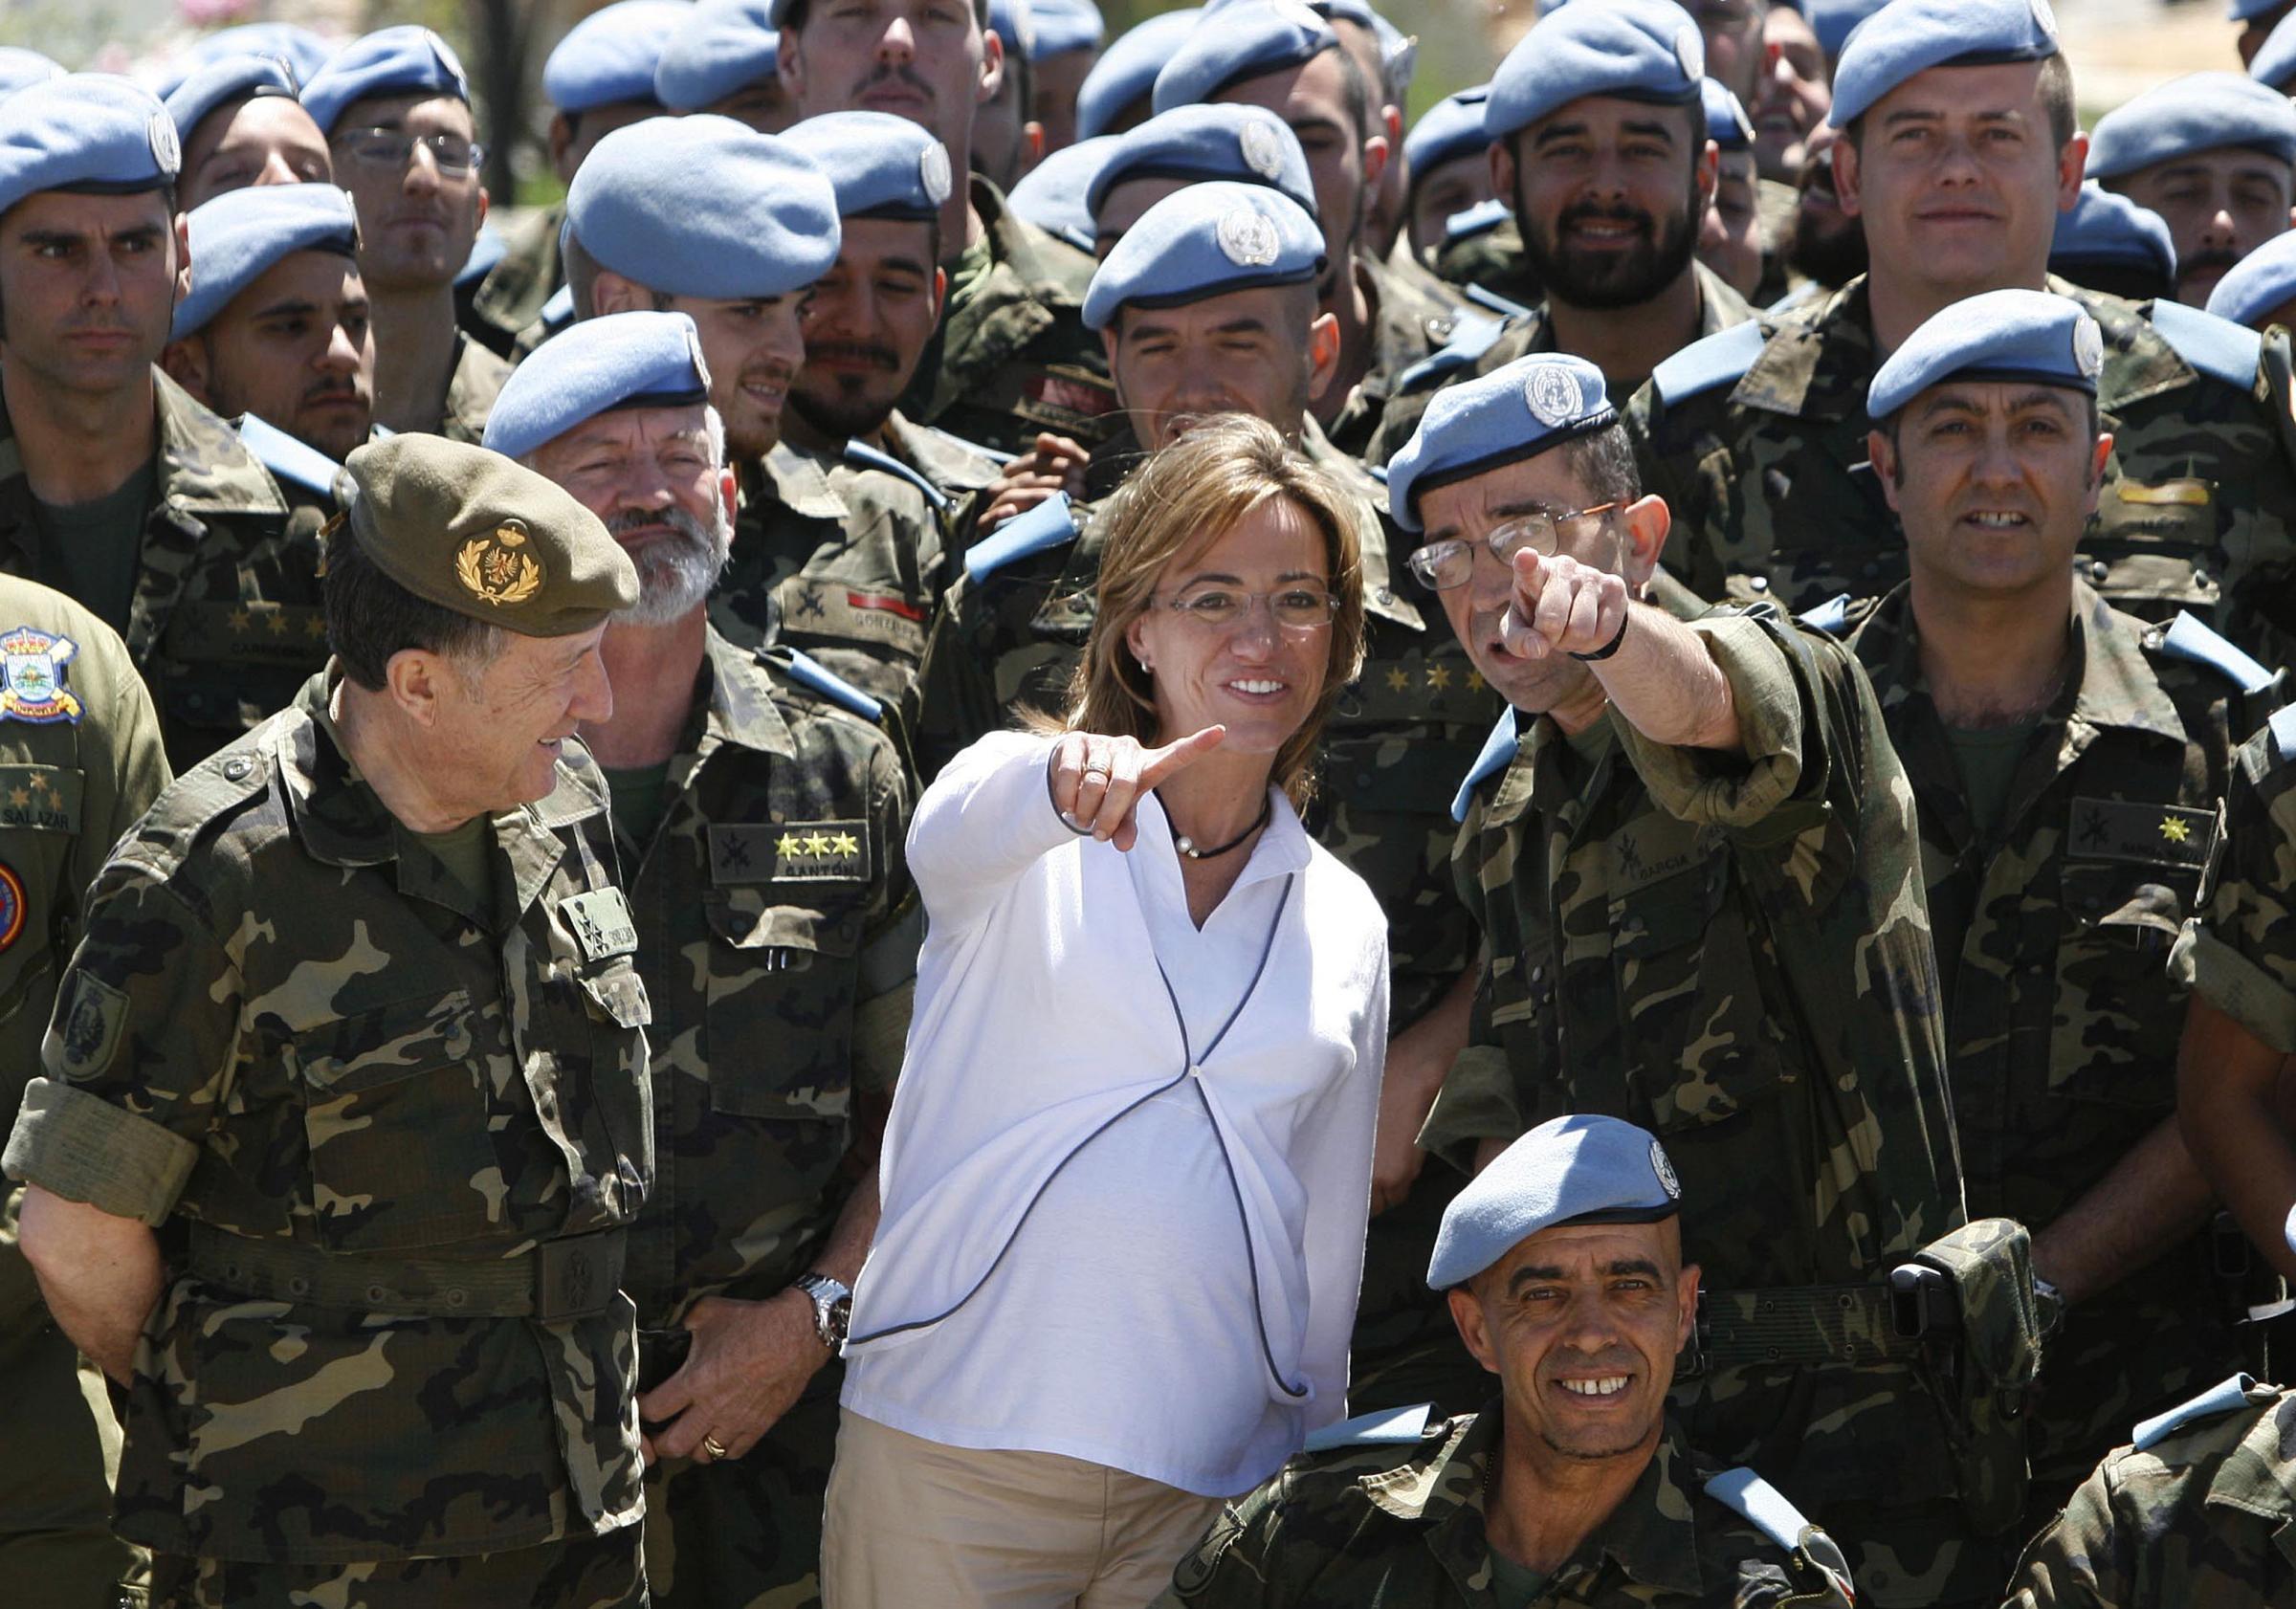 Carme Chacón: morta a 46 anni l'ex ministra della Difesa spagnola